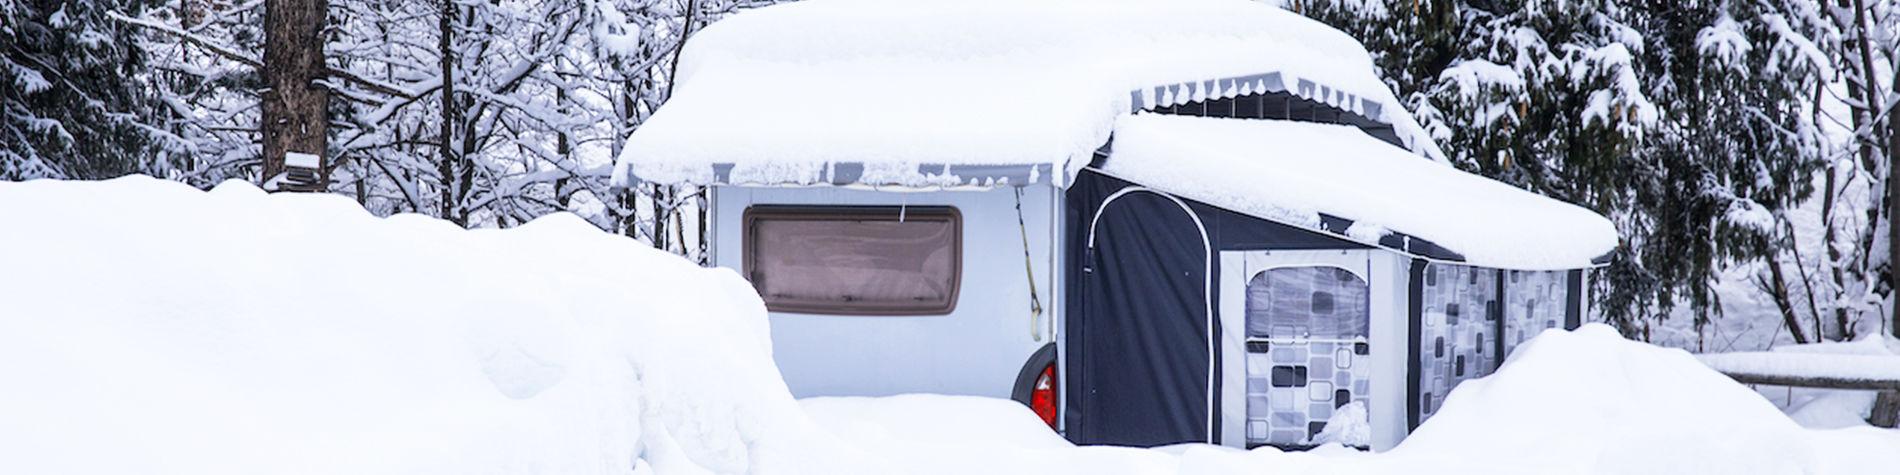 Das richtige Wintervorzelt für Ihr Campingfahrzeug - TCS Schweiz